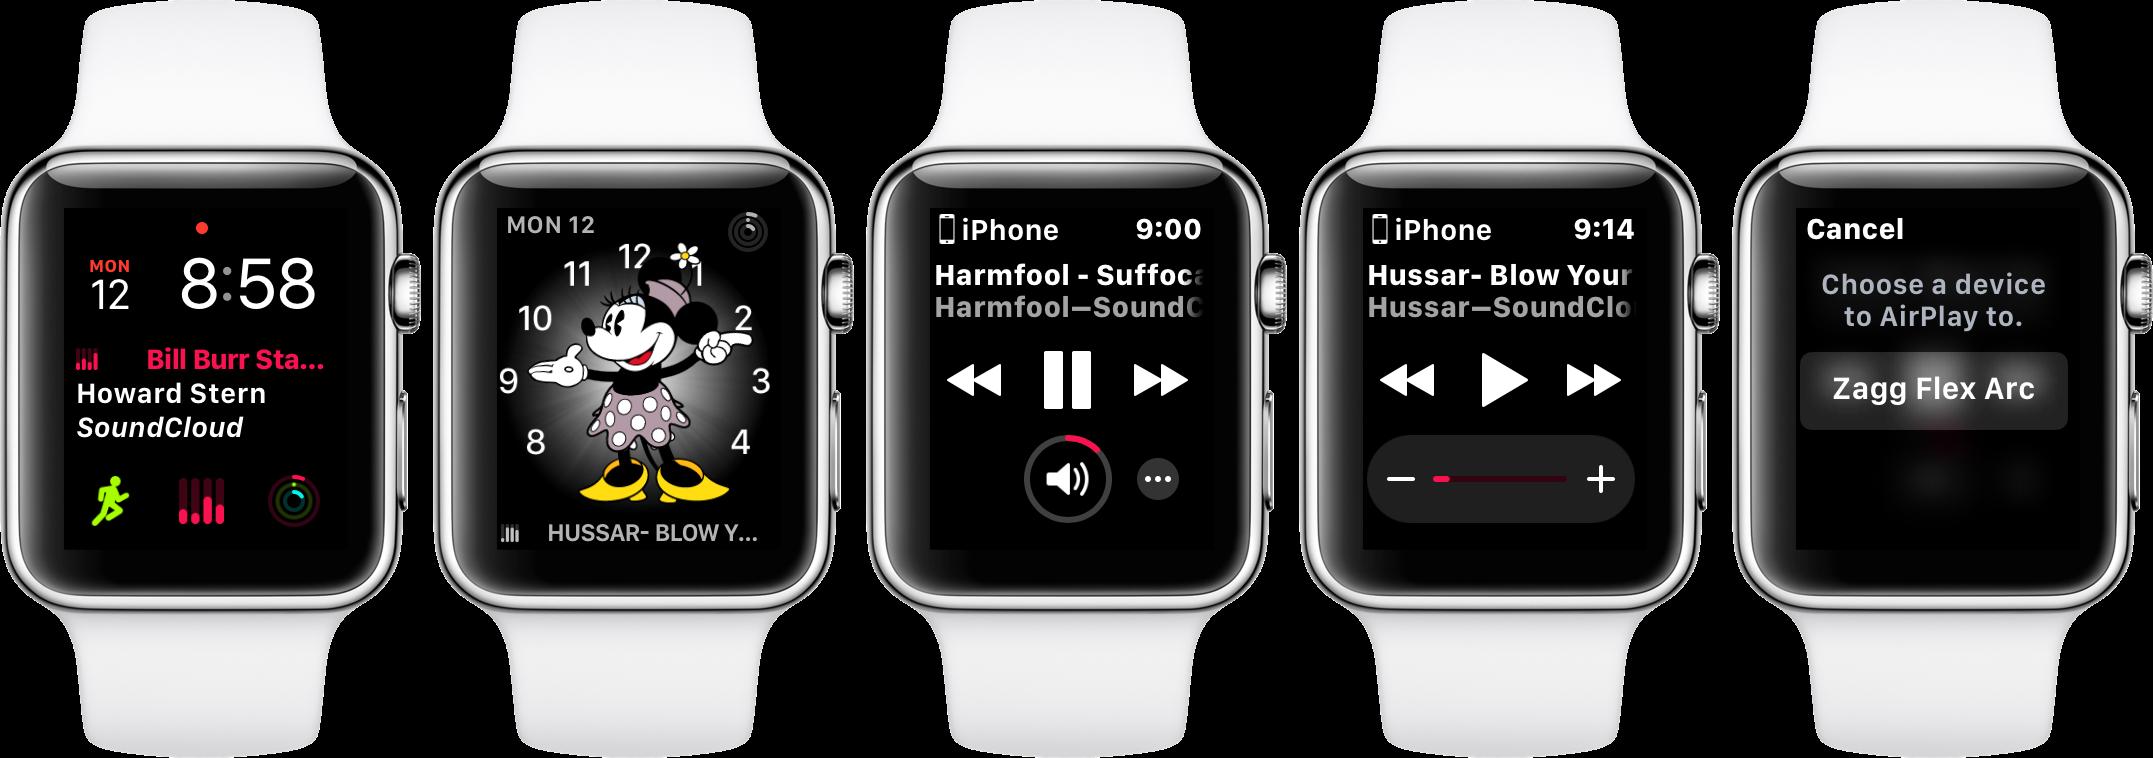 Apple Has Released watchOS 4 Beta 5